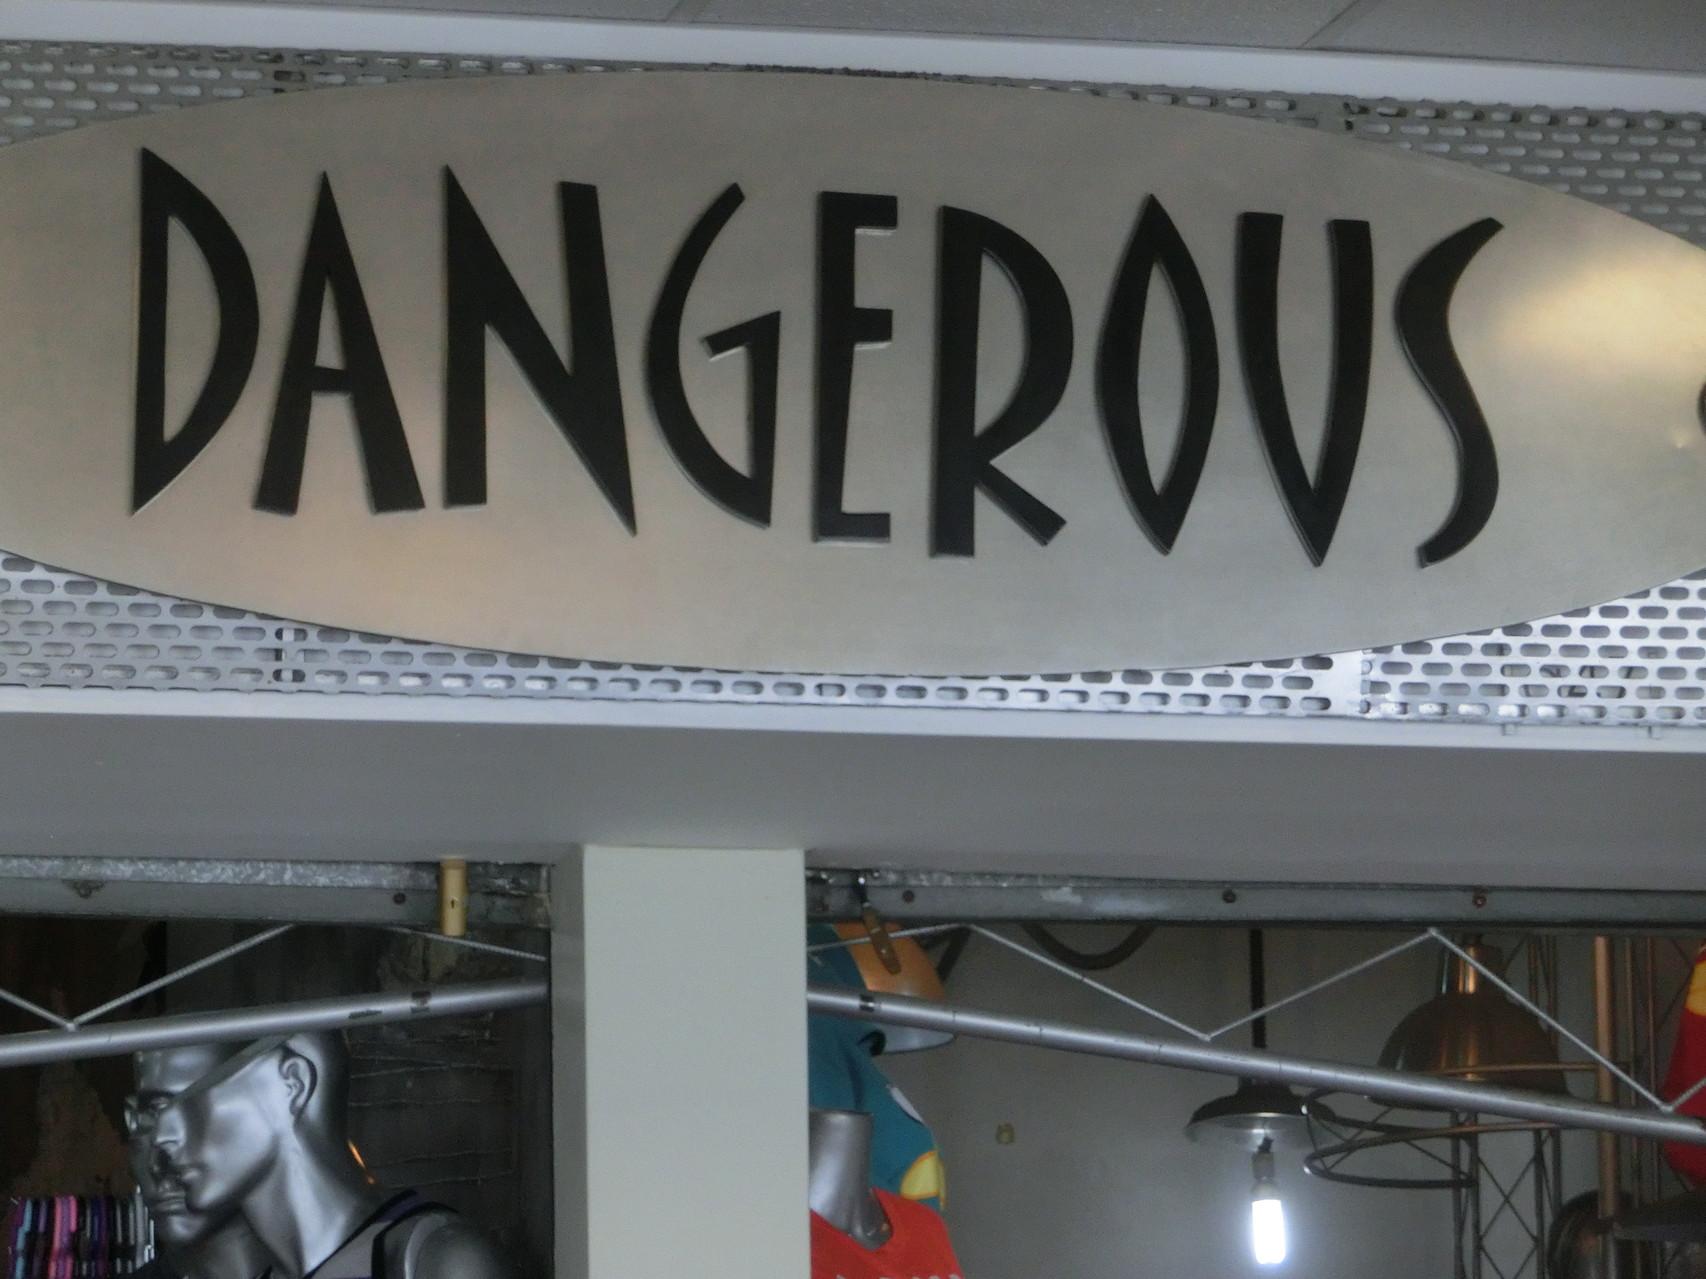 In diesem Laden zu arbeiten scheint gefährlich zu sein ...